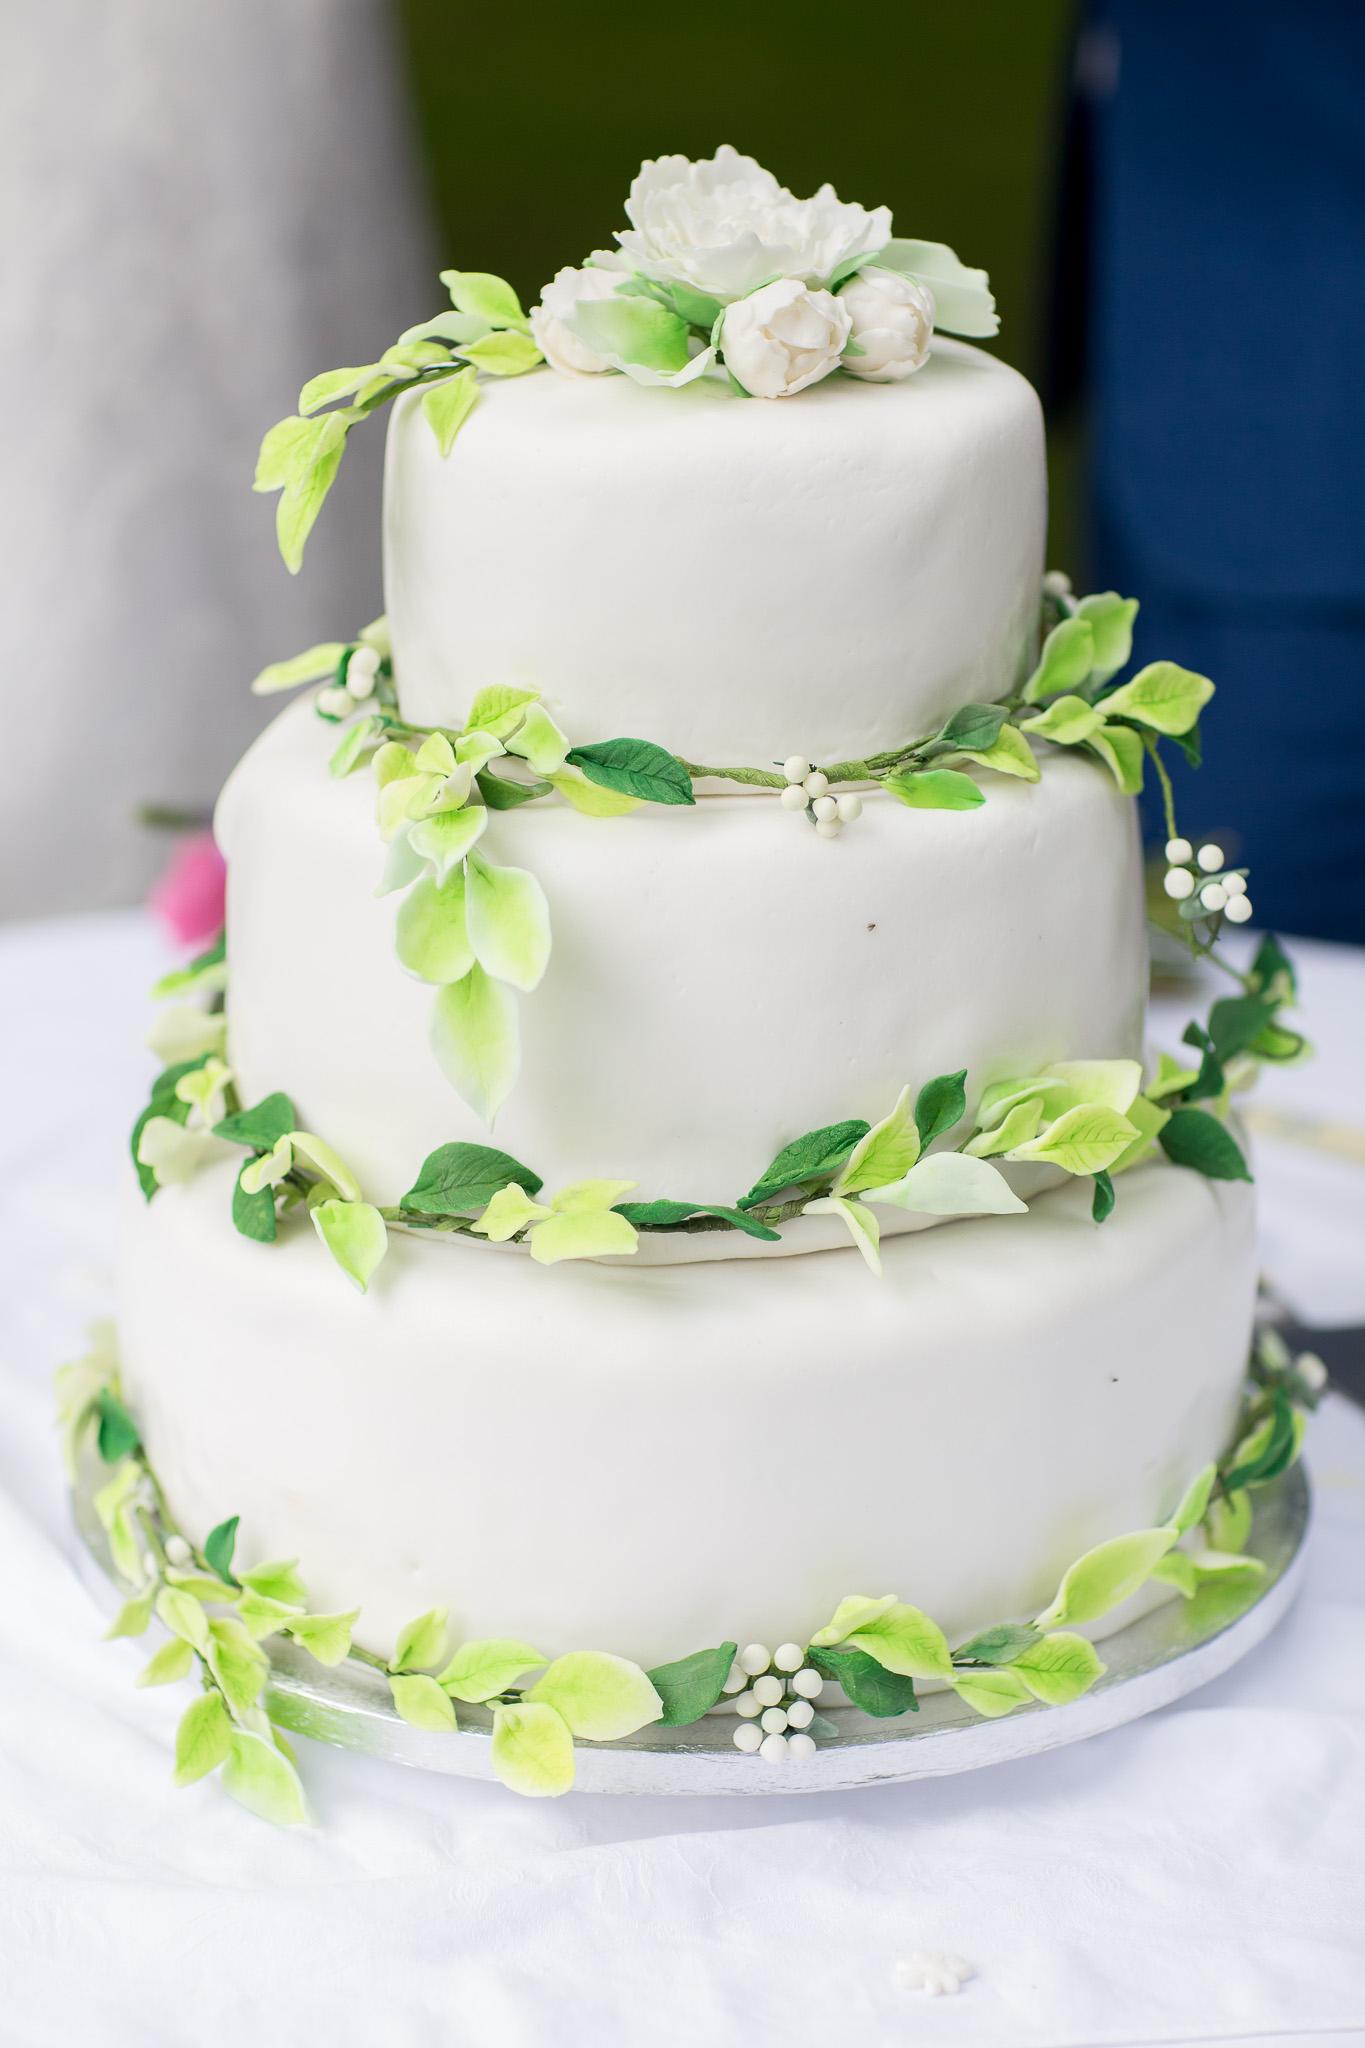 freebirdstories-com_wedding_christiaannina_lowres_485